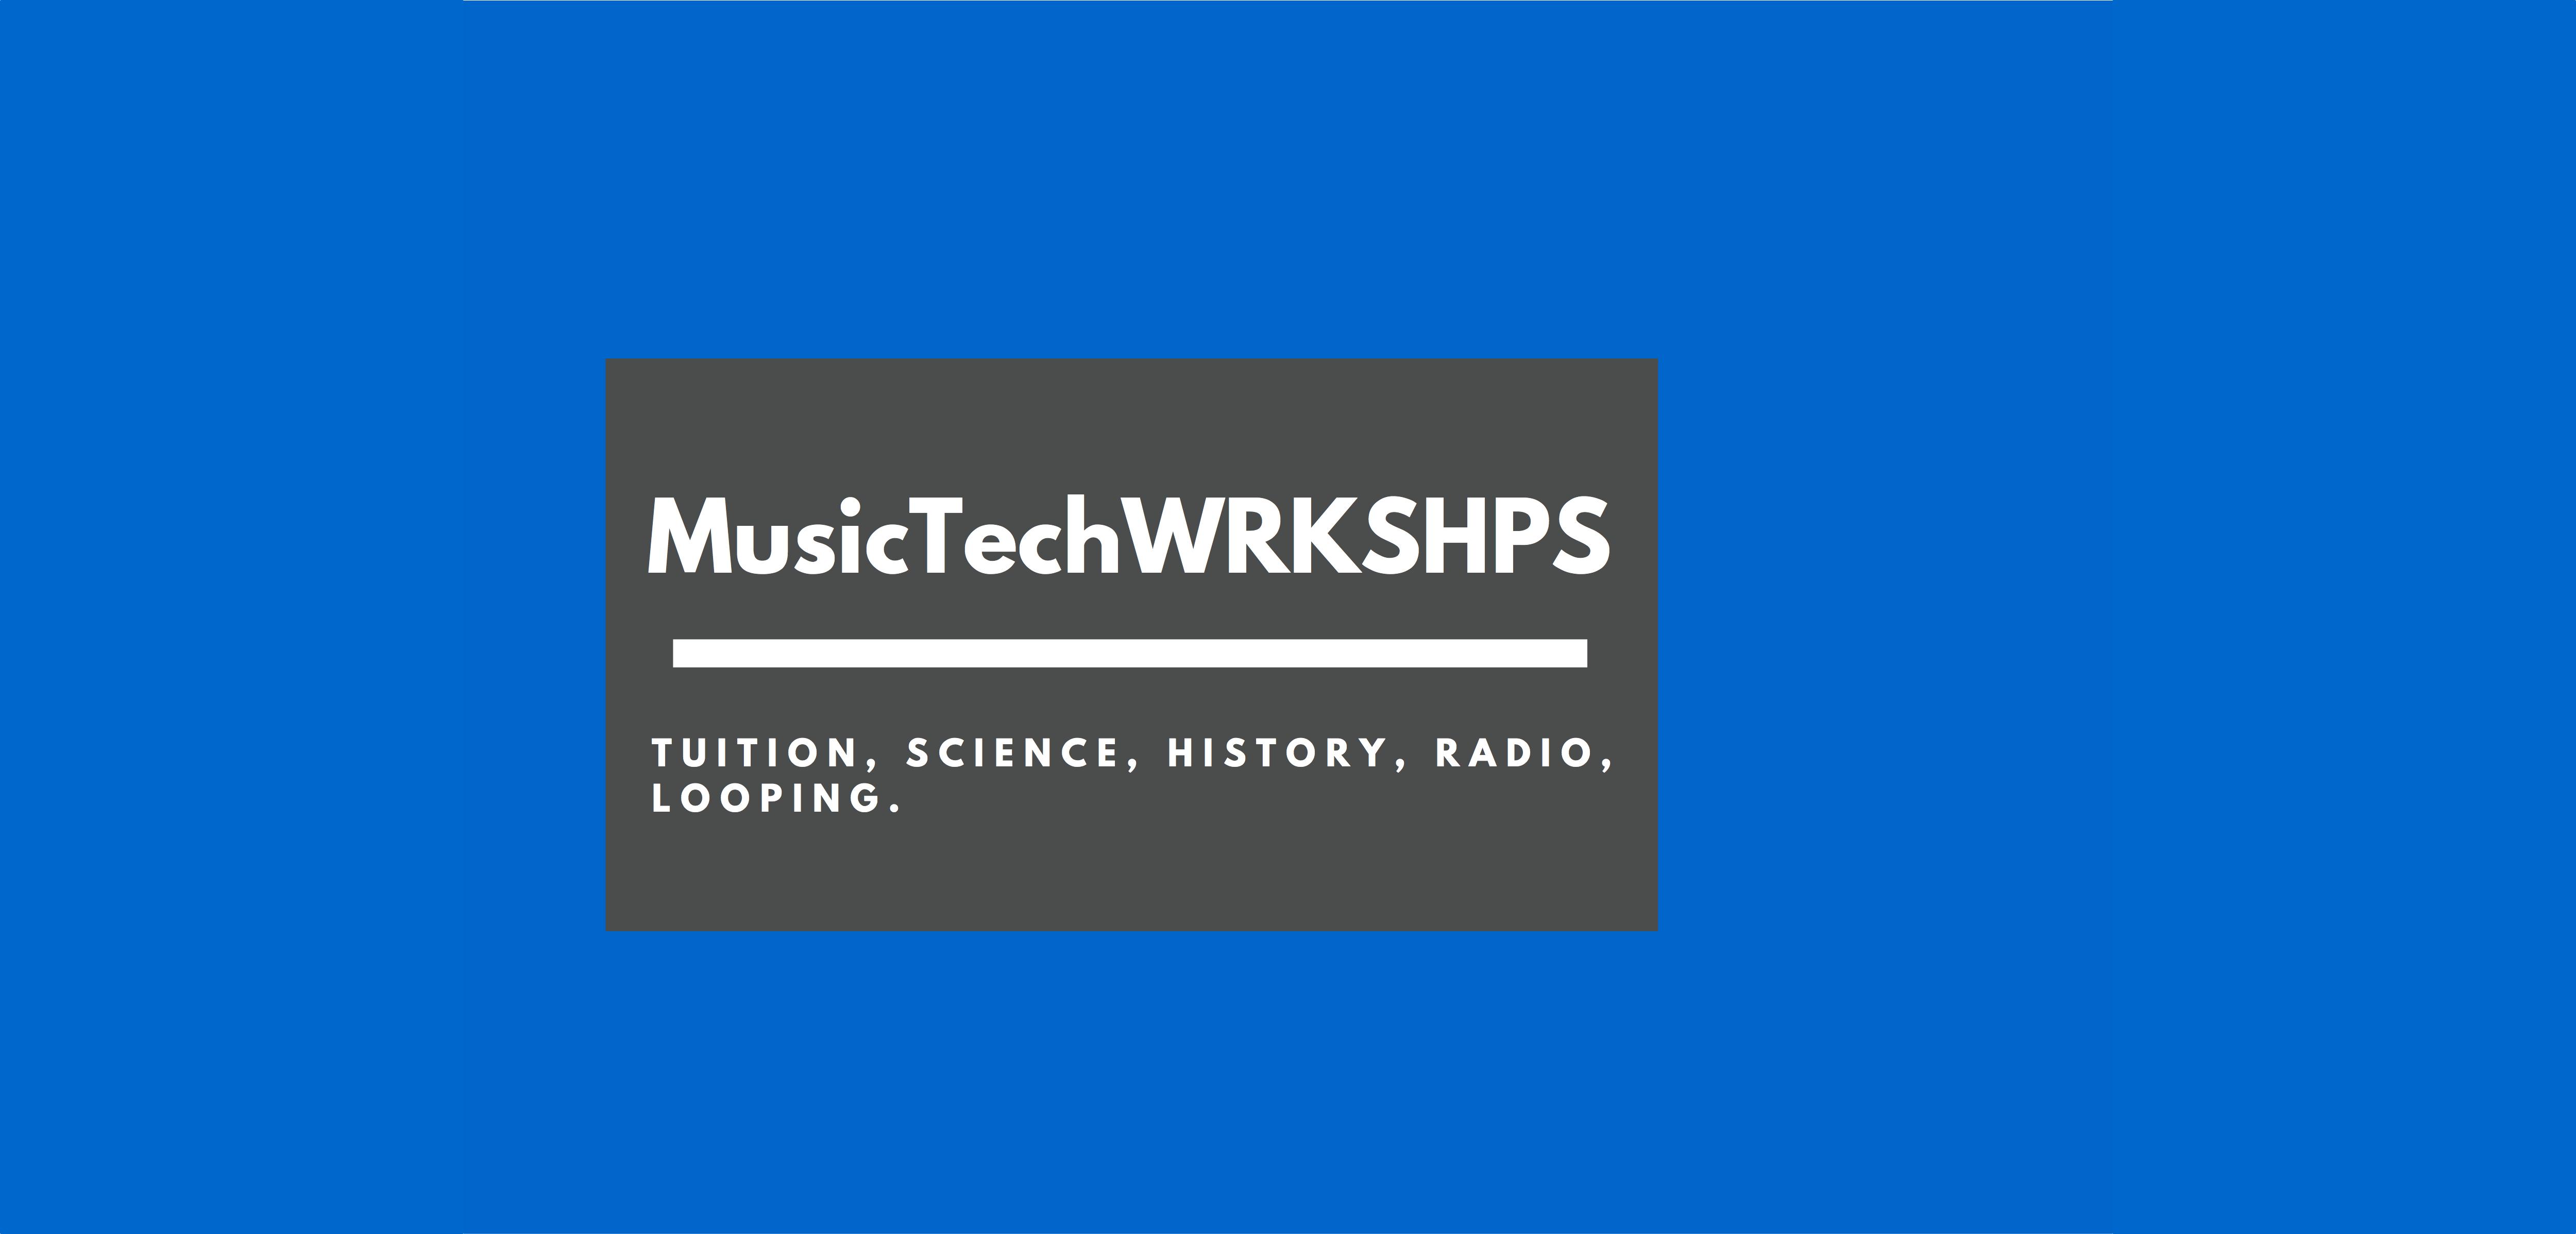 MusicTechWRKSHPS-2